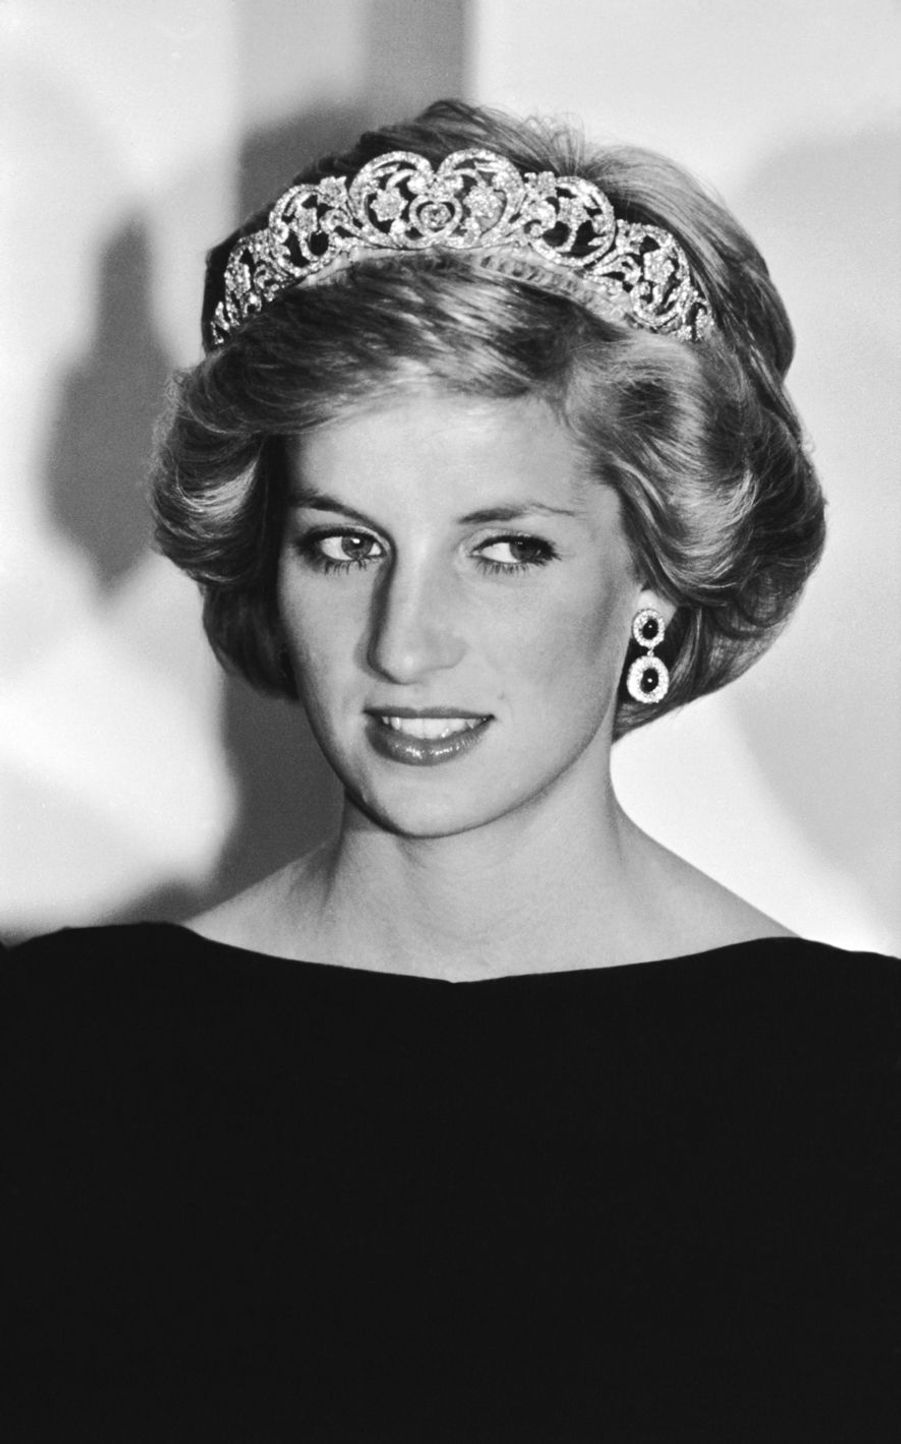 La princesse des cœurs (1961-1997) a très souvent joué de sa médiatisation pour révéler les causes humanitaires oubliées.